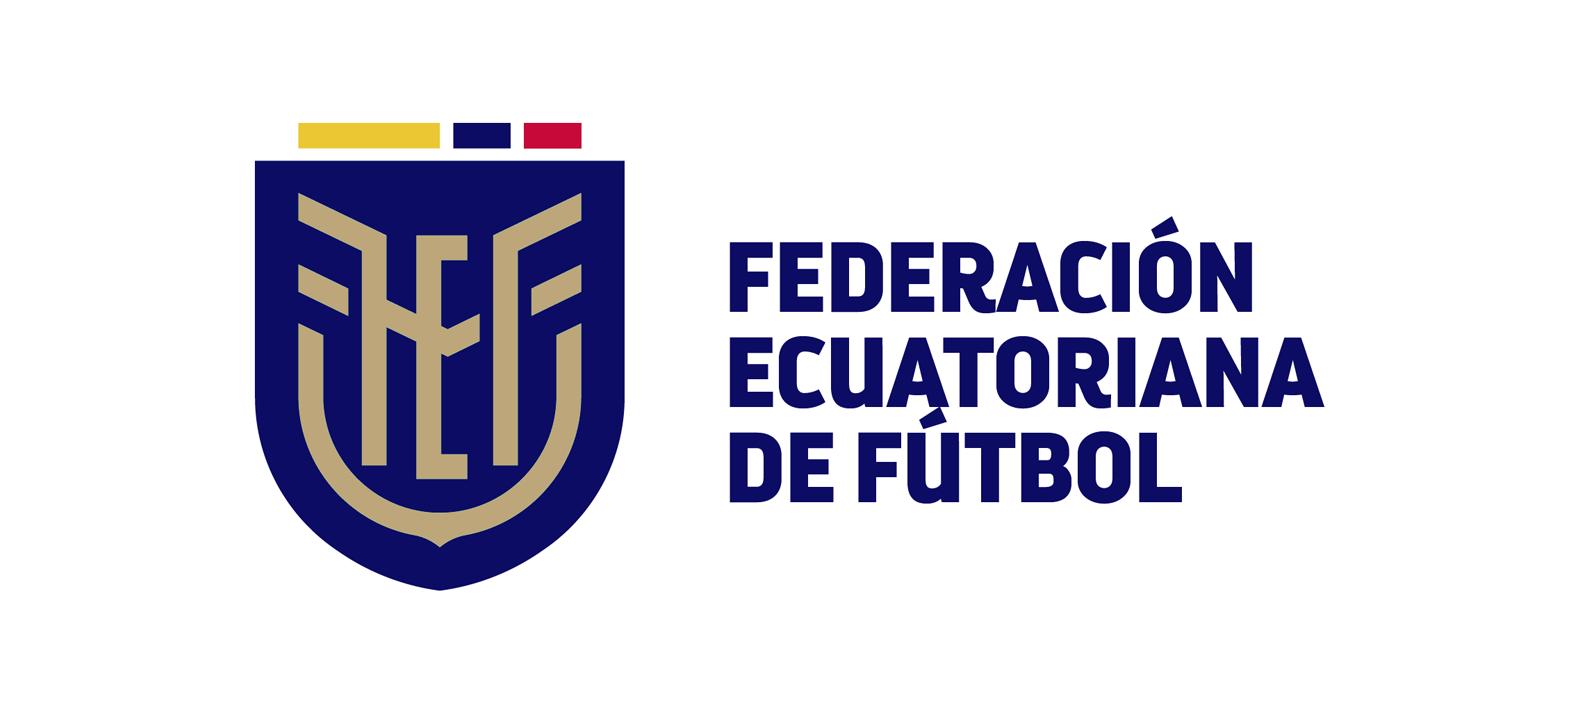 厄瓜多尔足球联合会启动全新的品牌logo设计-深圳VI设计2